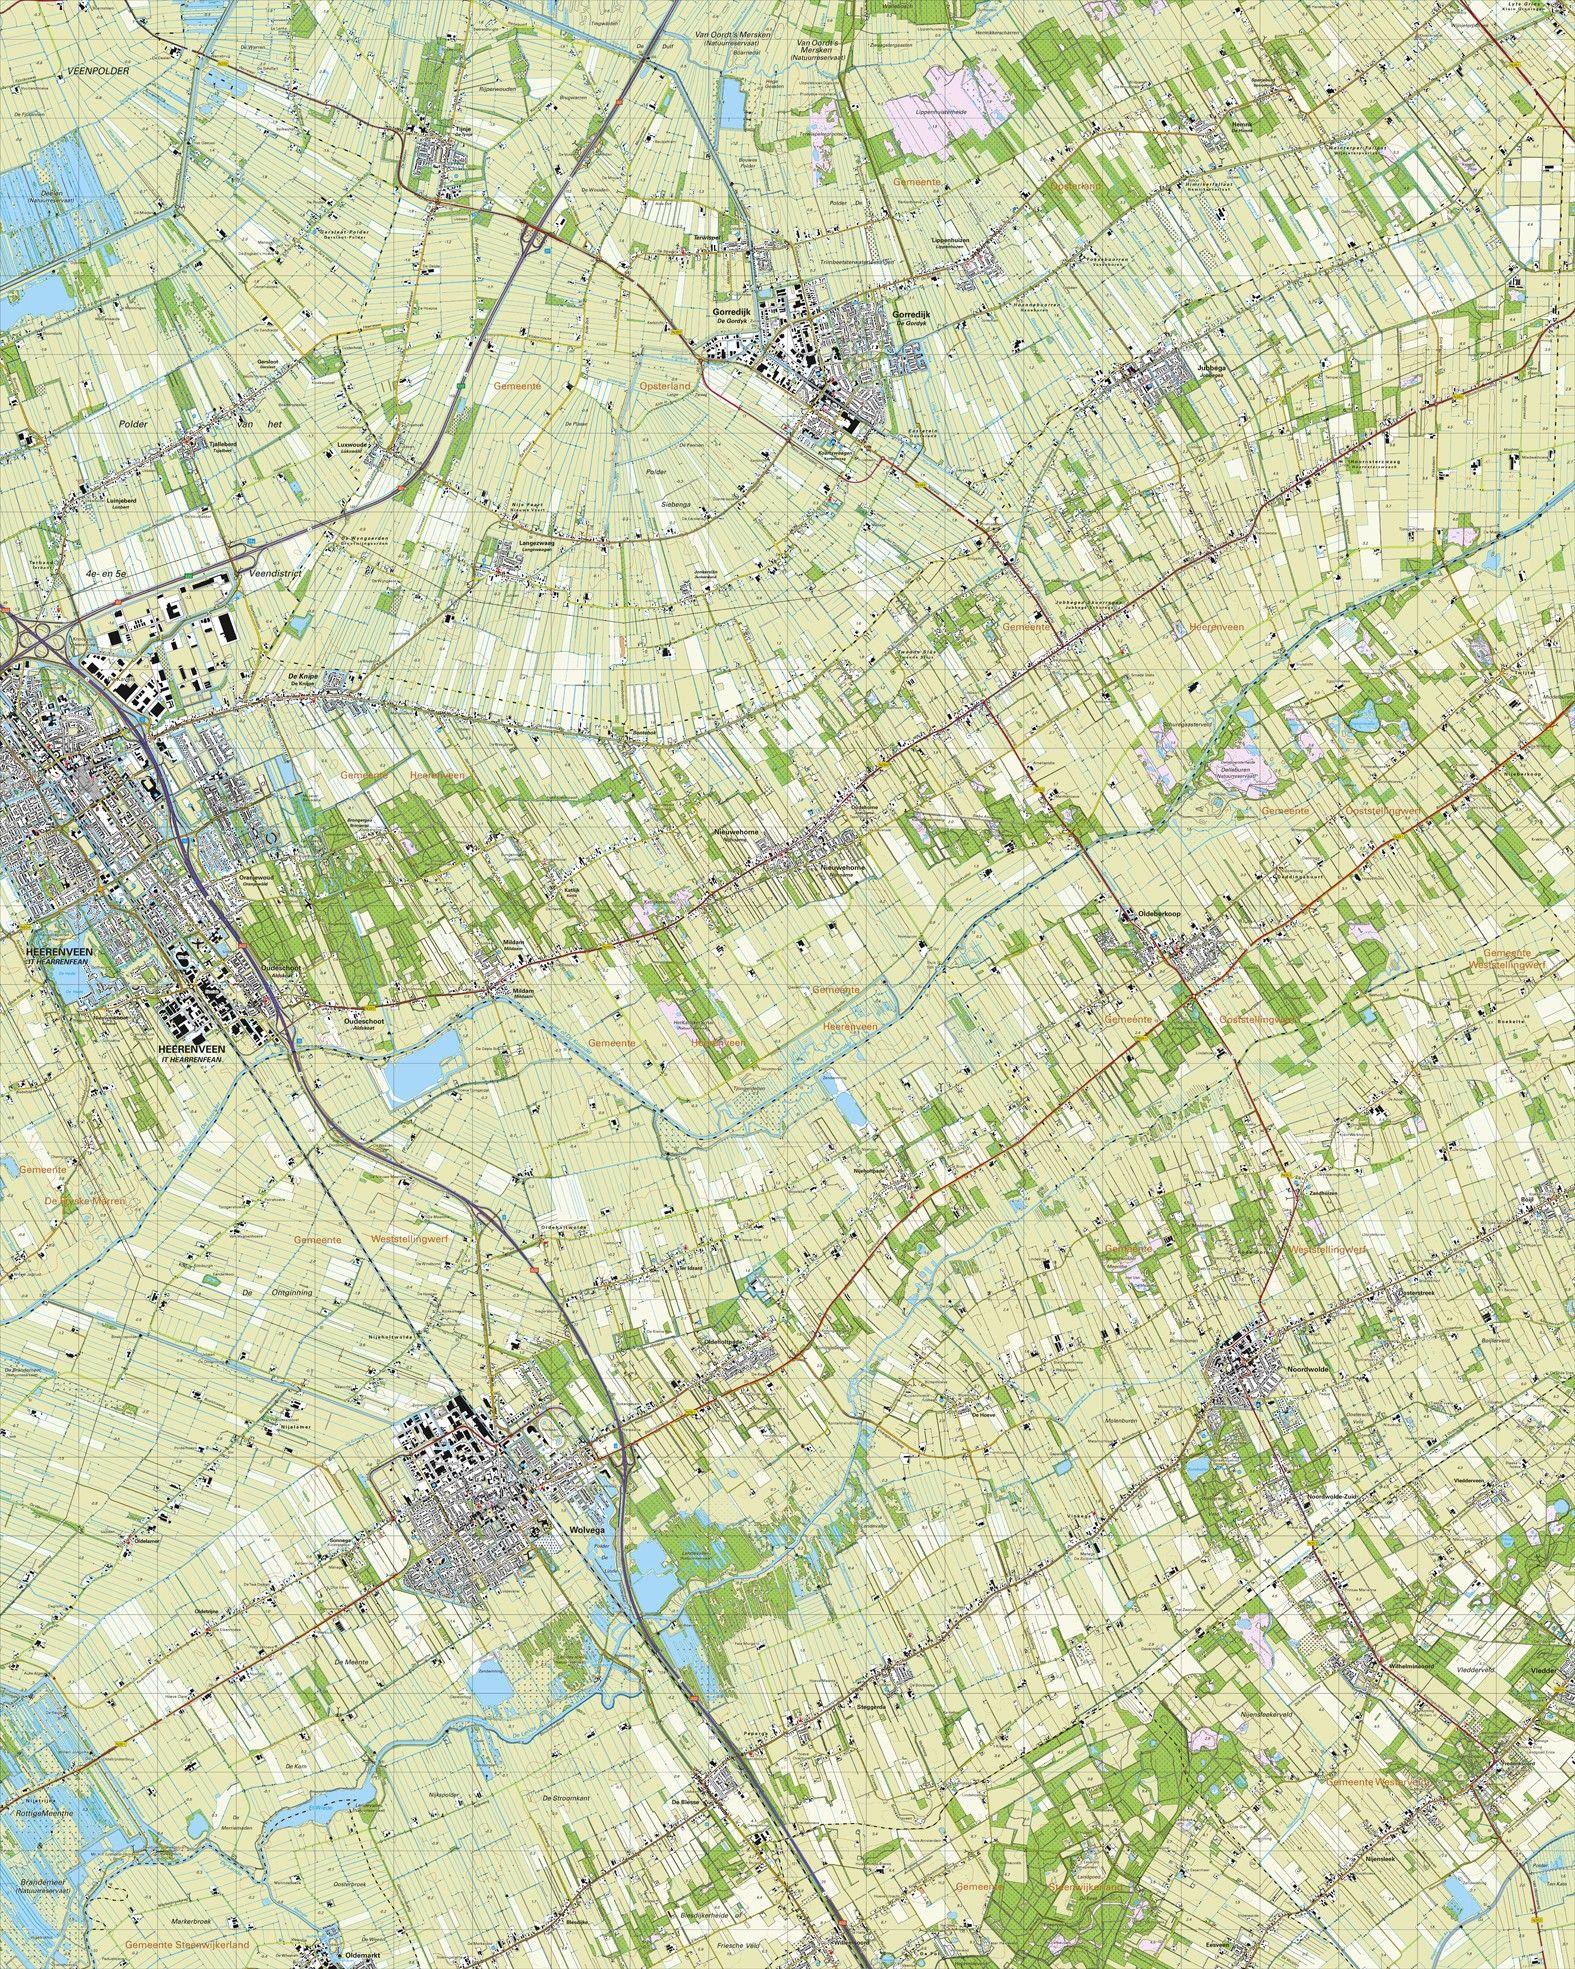 Topografische kaart schaal 1:25.000 (Heerenveen, Gorredijk, Noordwolde, Wolvega, Nieuwehorne)